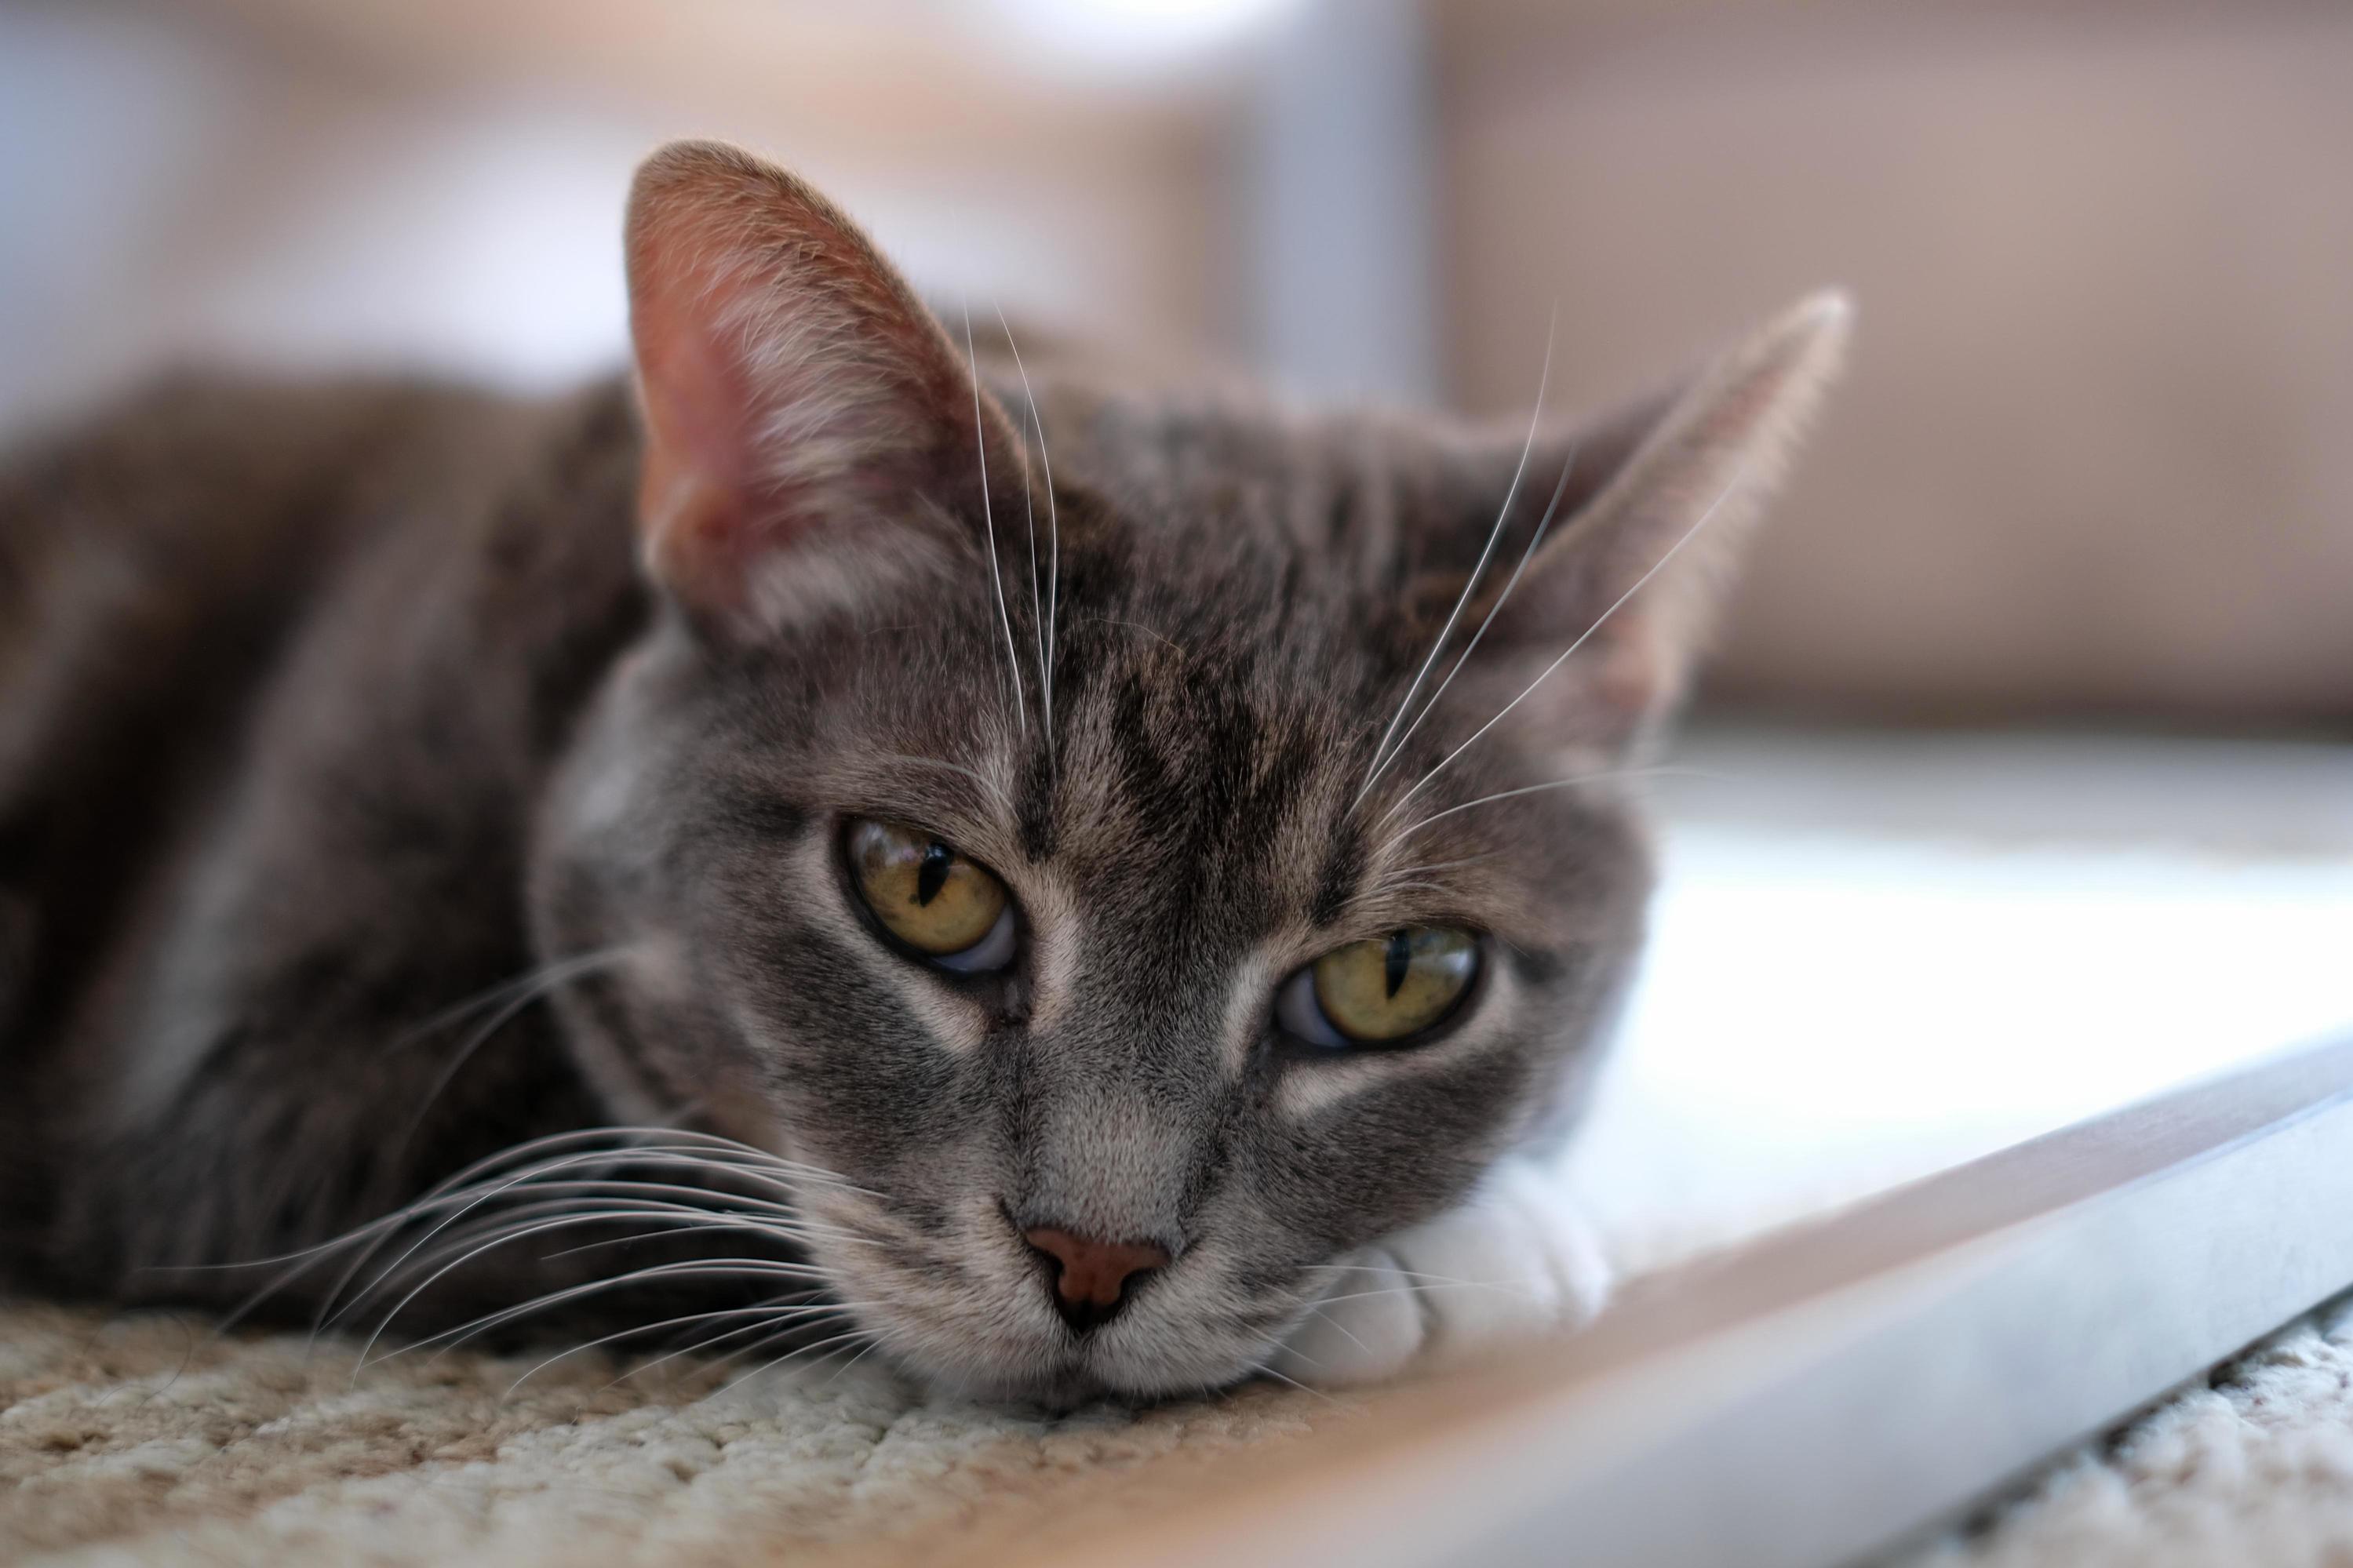 Meet mukkuru, 11 year old kitten